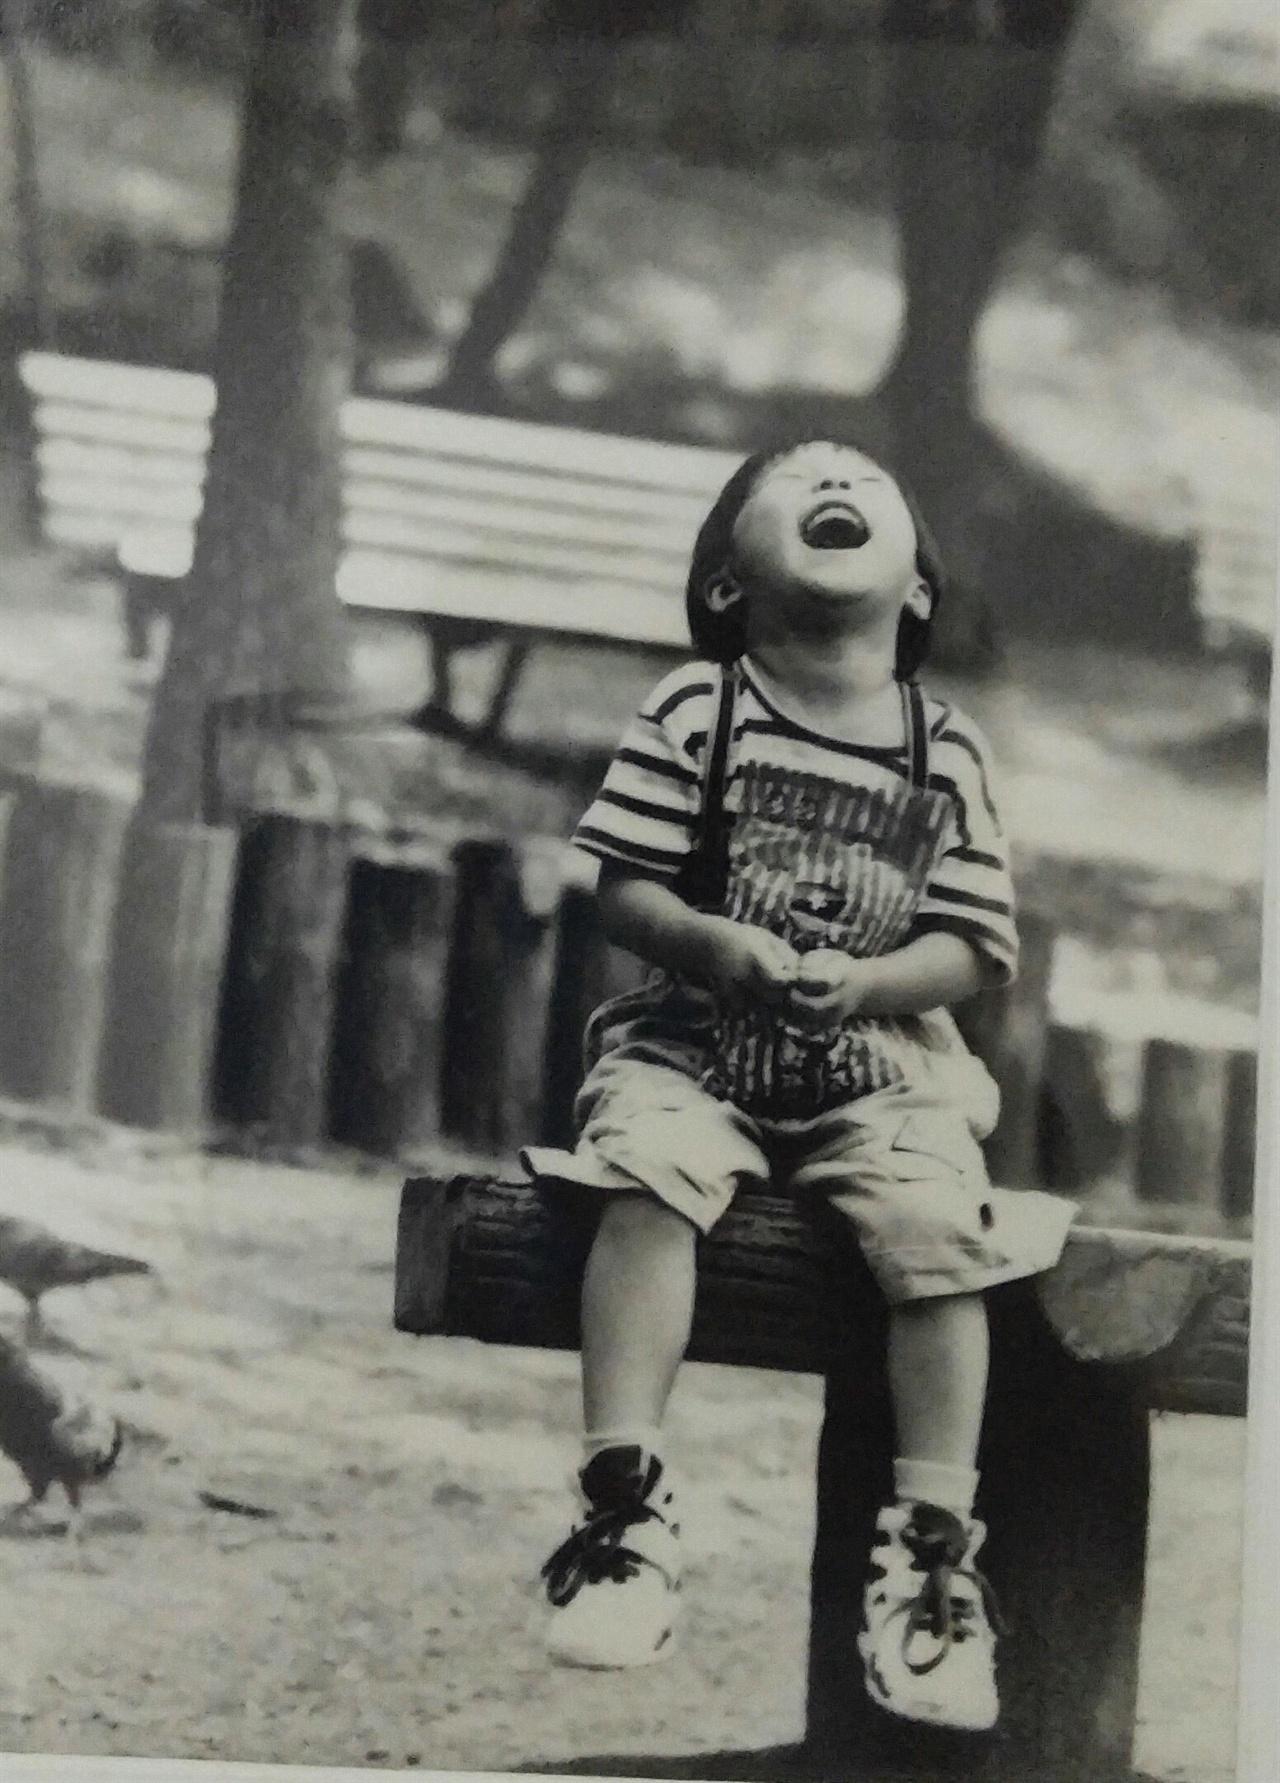 둘째딸 조현우(玄愚) 둘째딸의 어렸을 때 모습